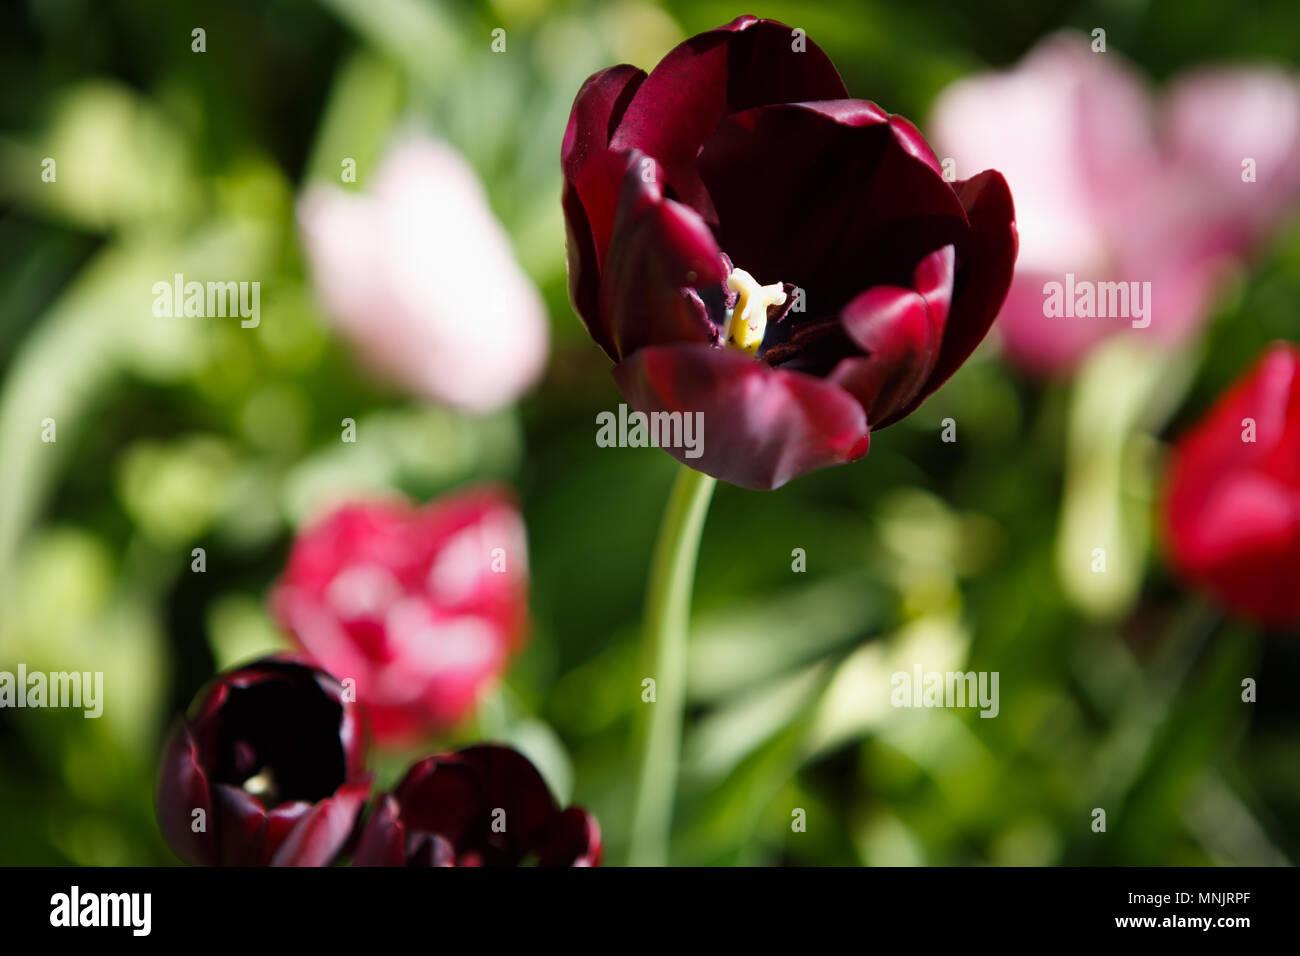 Schöne Dunkle Rote Tulpen Blumen Blühen Im Frühling Garten